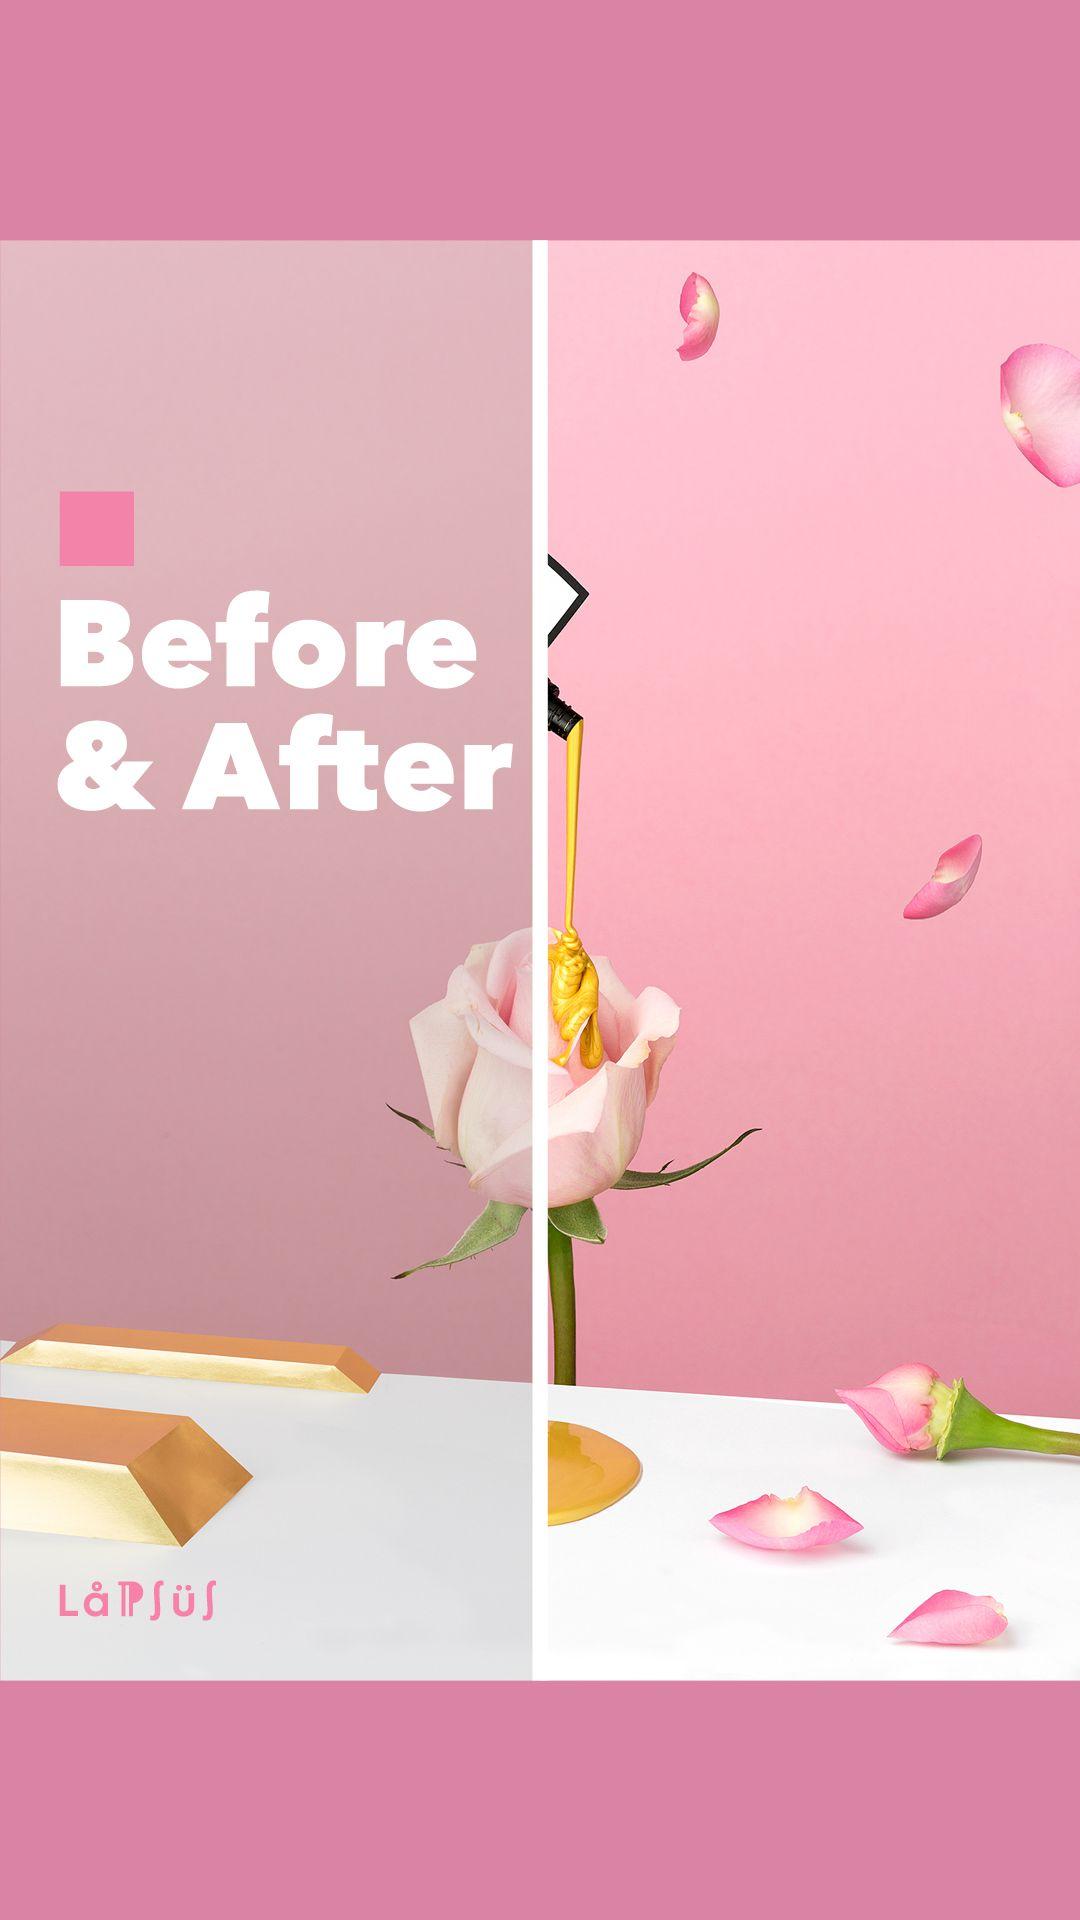 Antes y después - el proceso de diseño gráfico de Lapsus